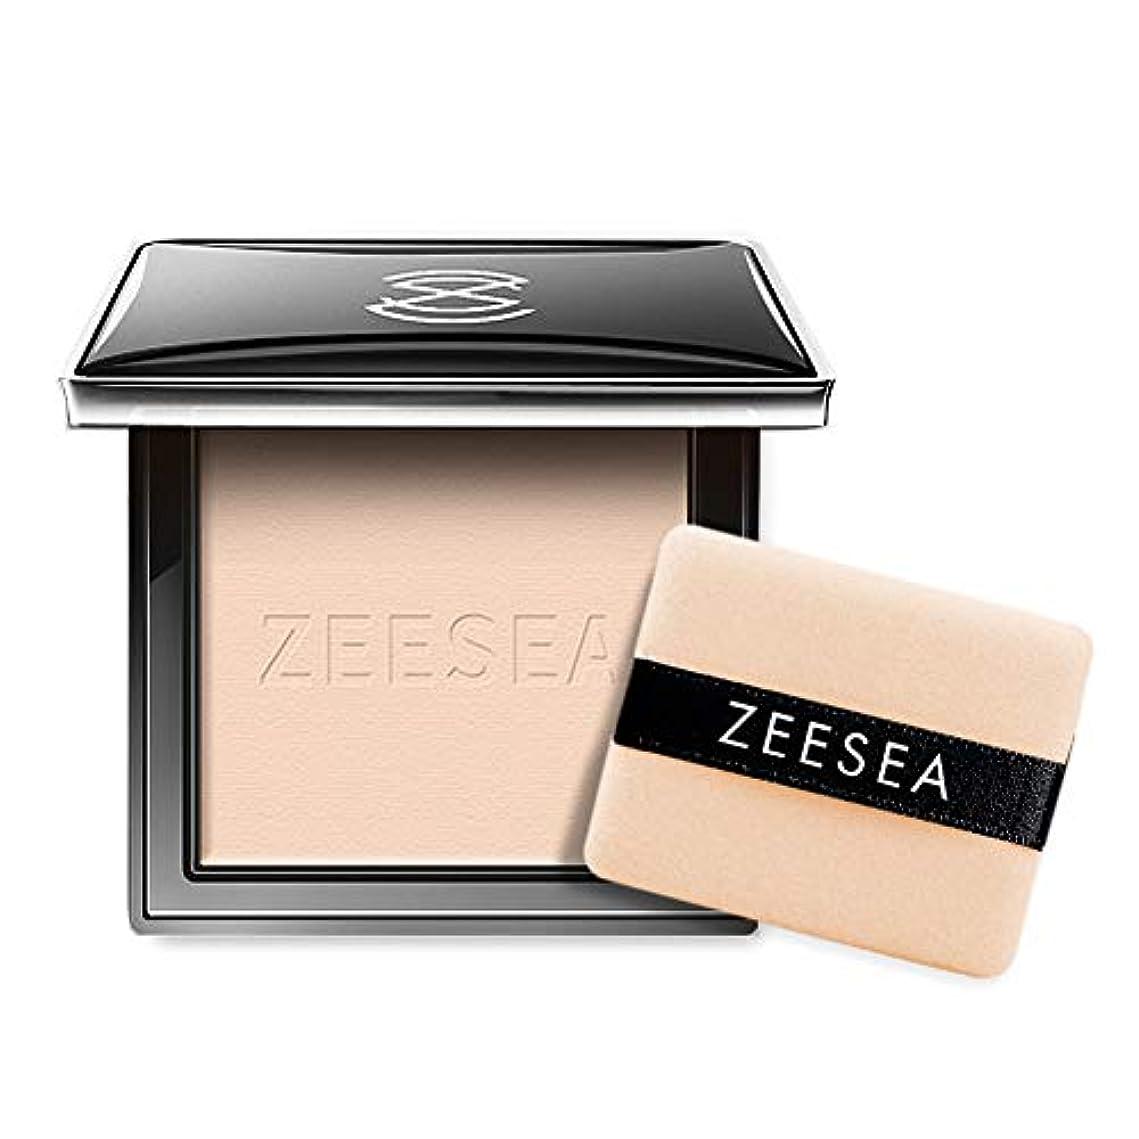 野心ターゲット売り手ZEESEA フェイスパウダーファンデーション(パフ付き) テカリ防止効果のあるかつウォータープルーフコンシーラかつ美しくシェーディング、(M00明るい肌色)